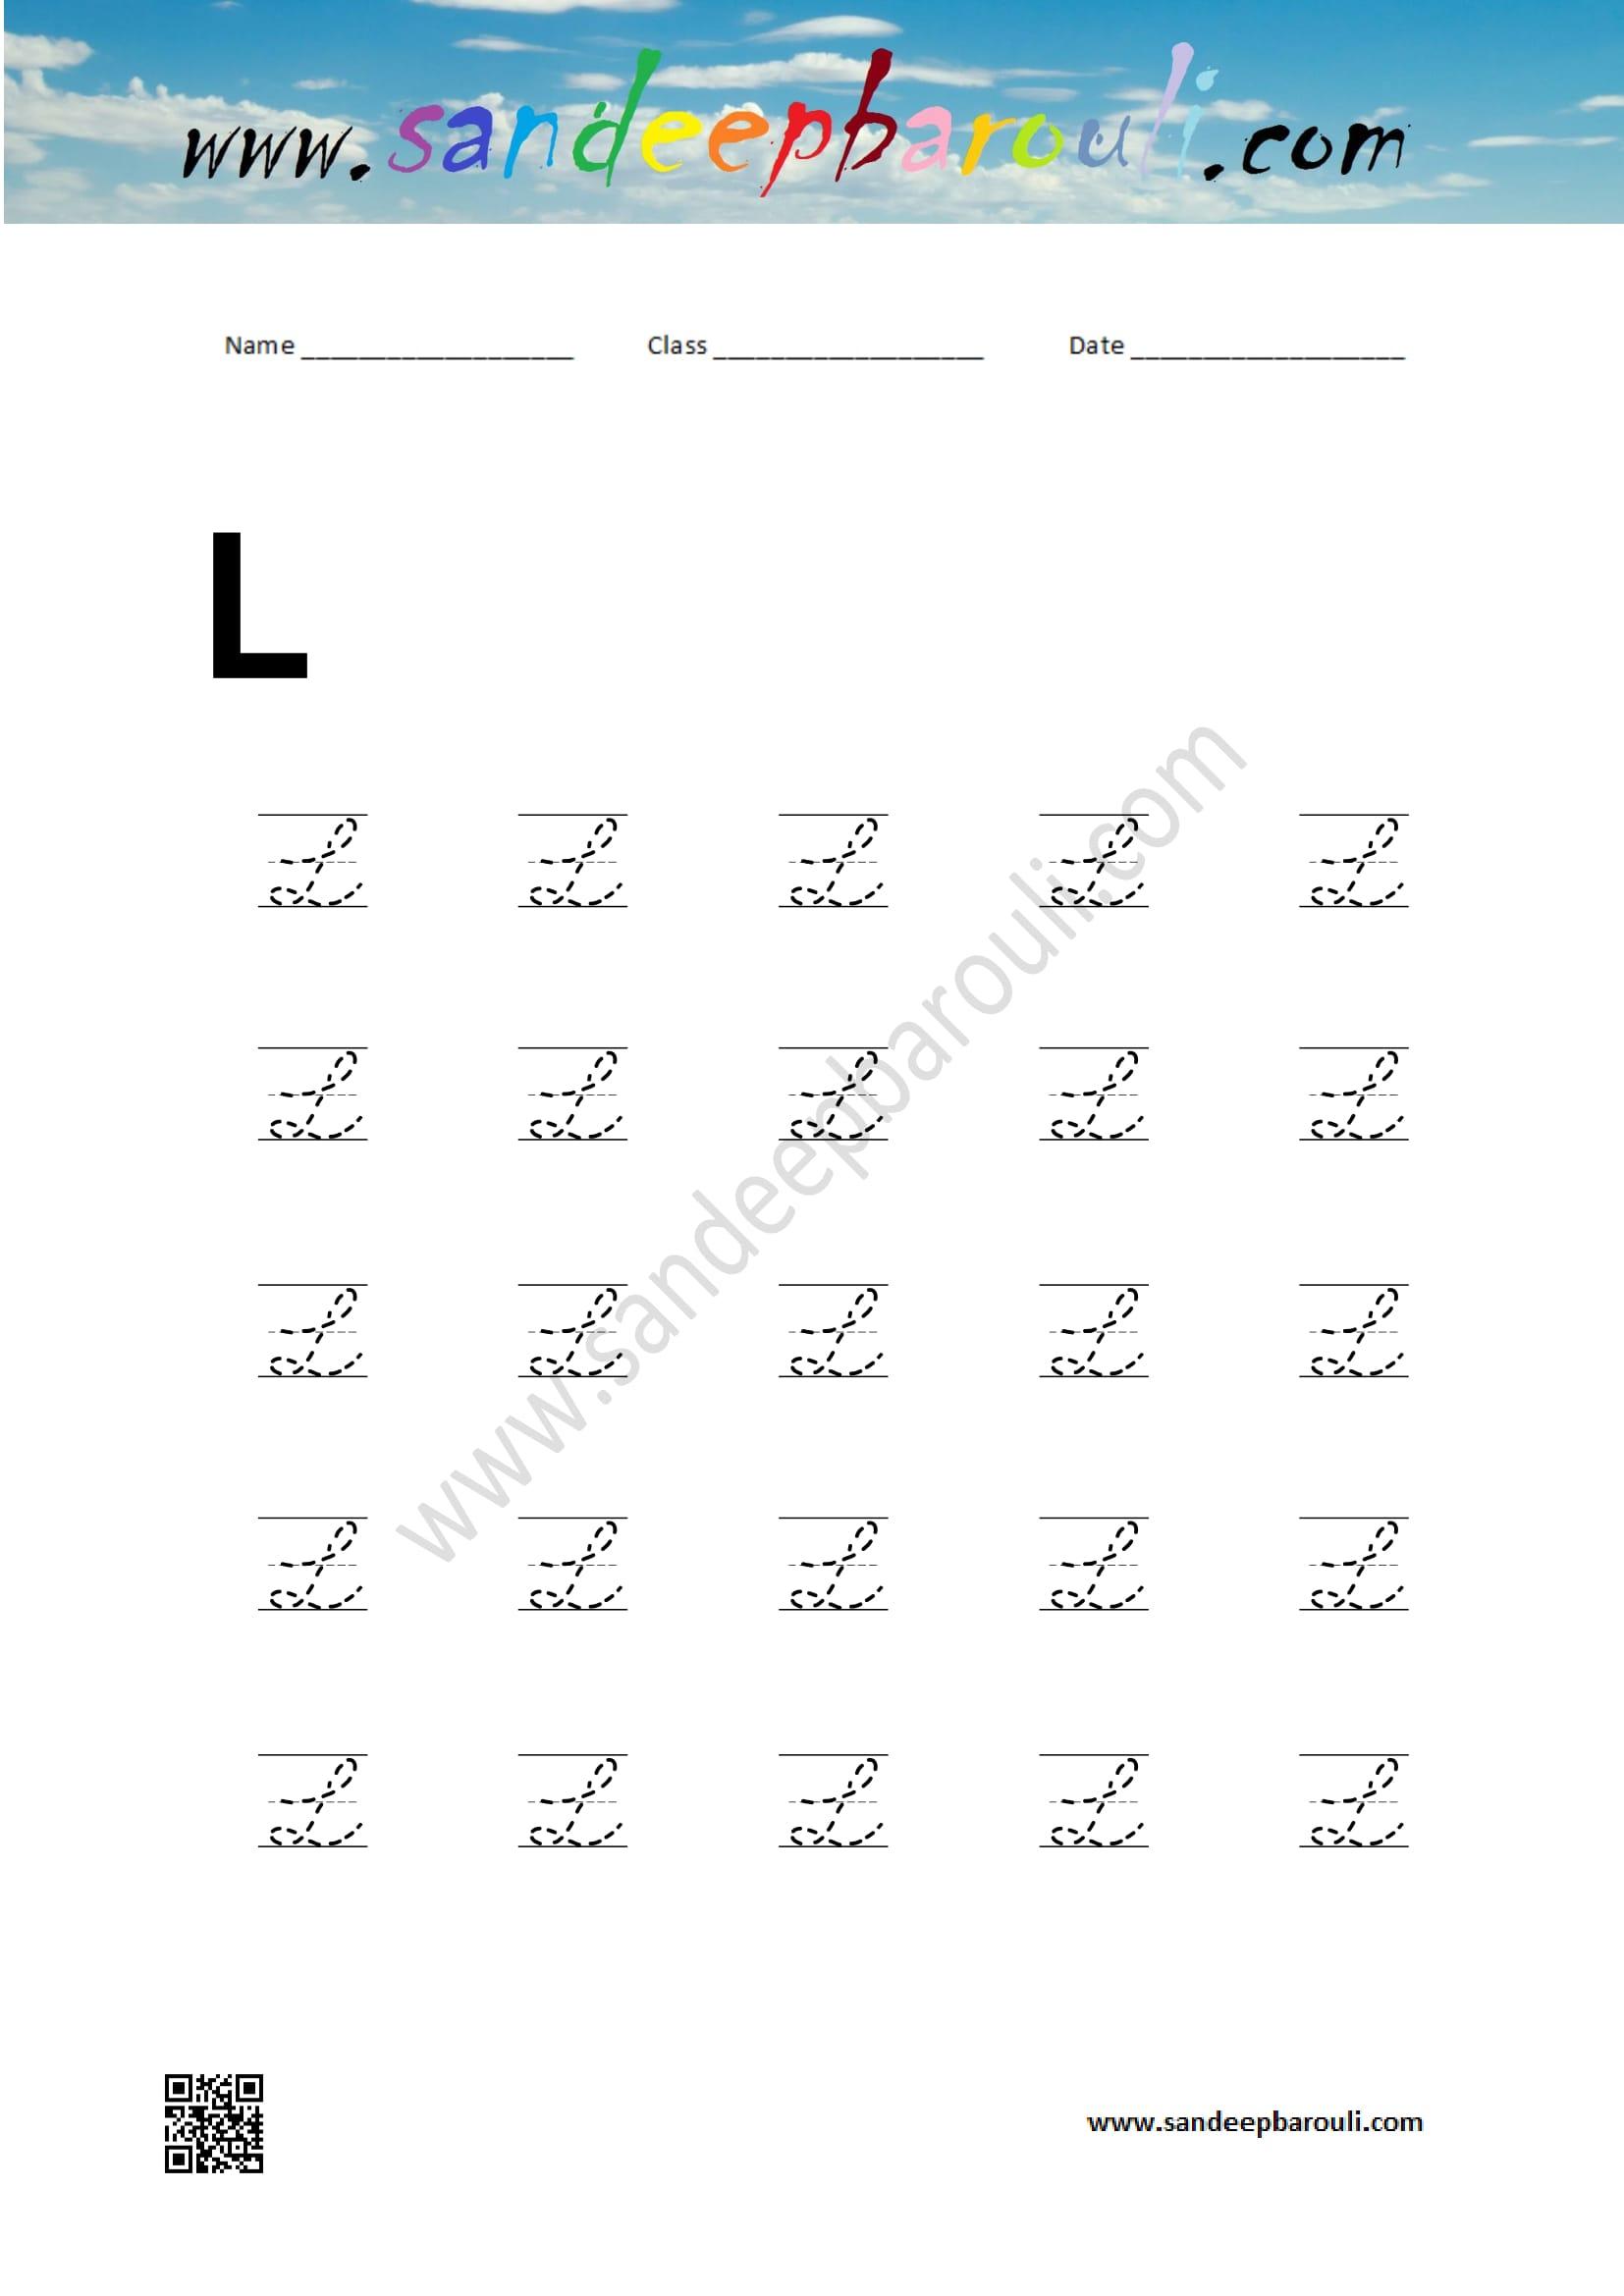 Cursive Capital Letters Sandeepbarouli